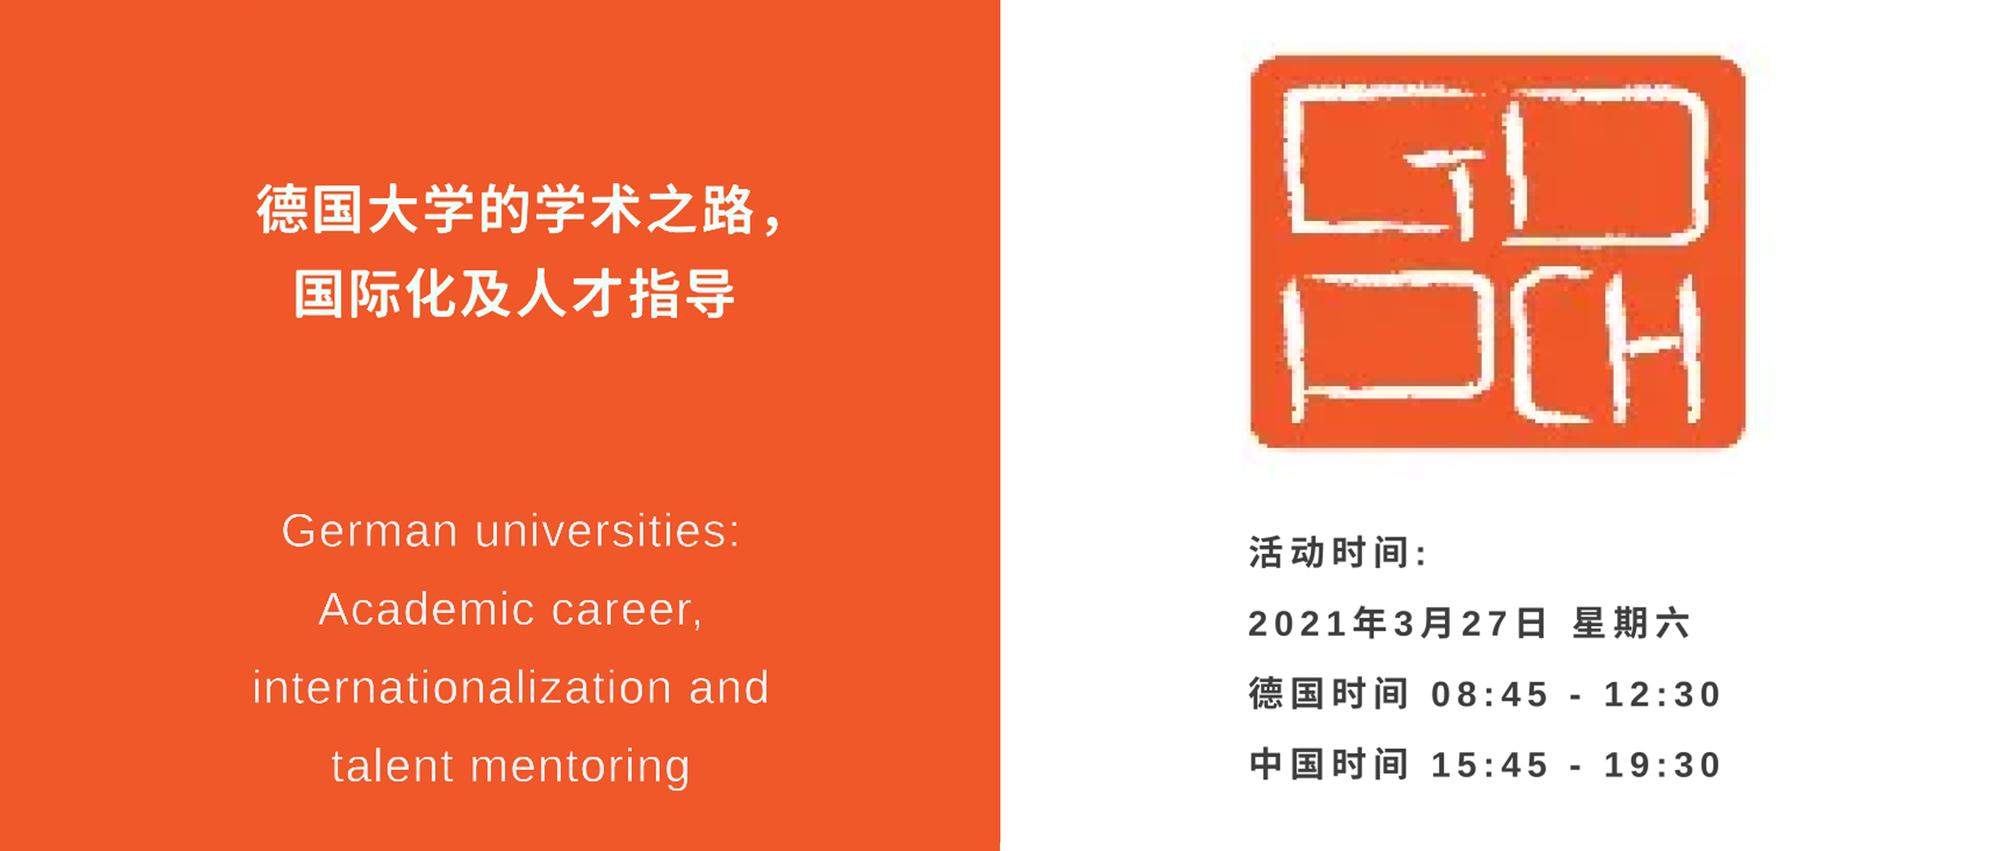 德国华人教授学会论坛预告|8 位华人教授解读德国大学的学术之路,国际化及人才培养